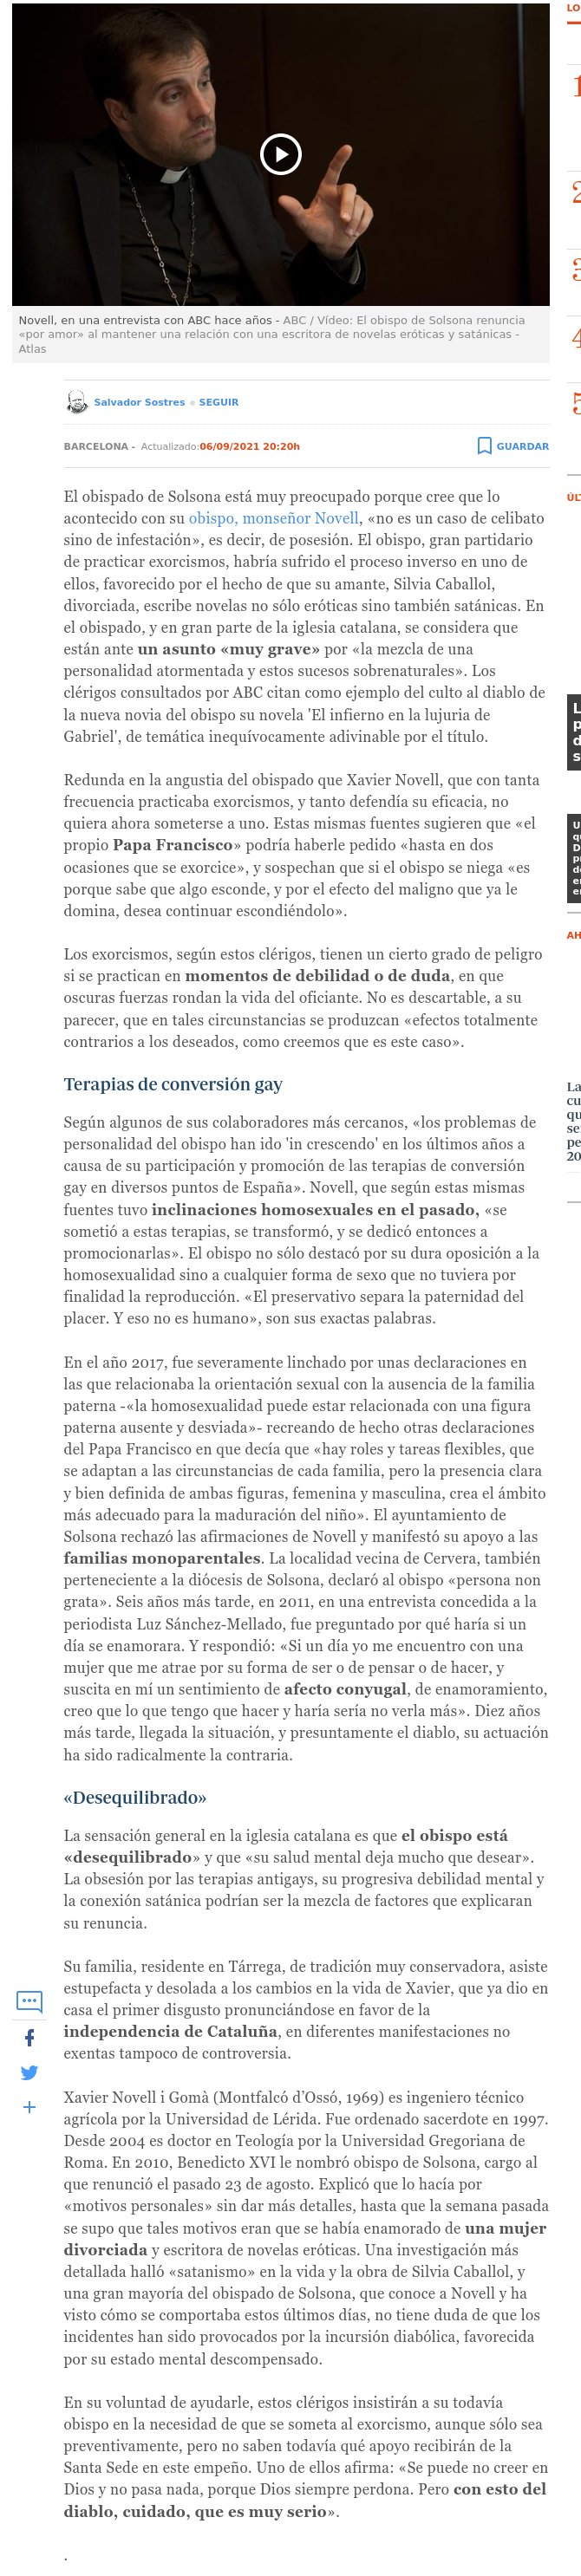 NOTICIAS QUE NO SON DEL MUNDO TODAY PERO CASI - Página 6 20210921